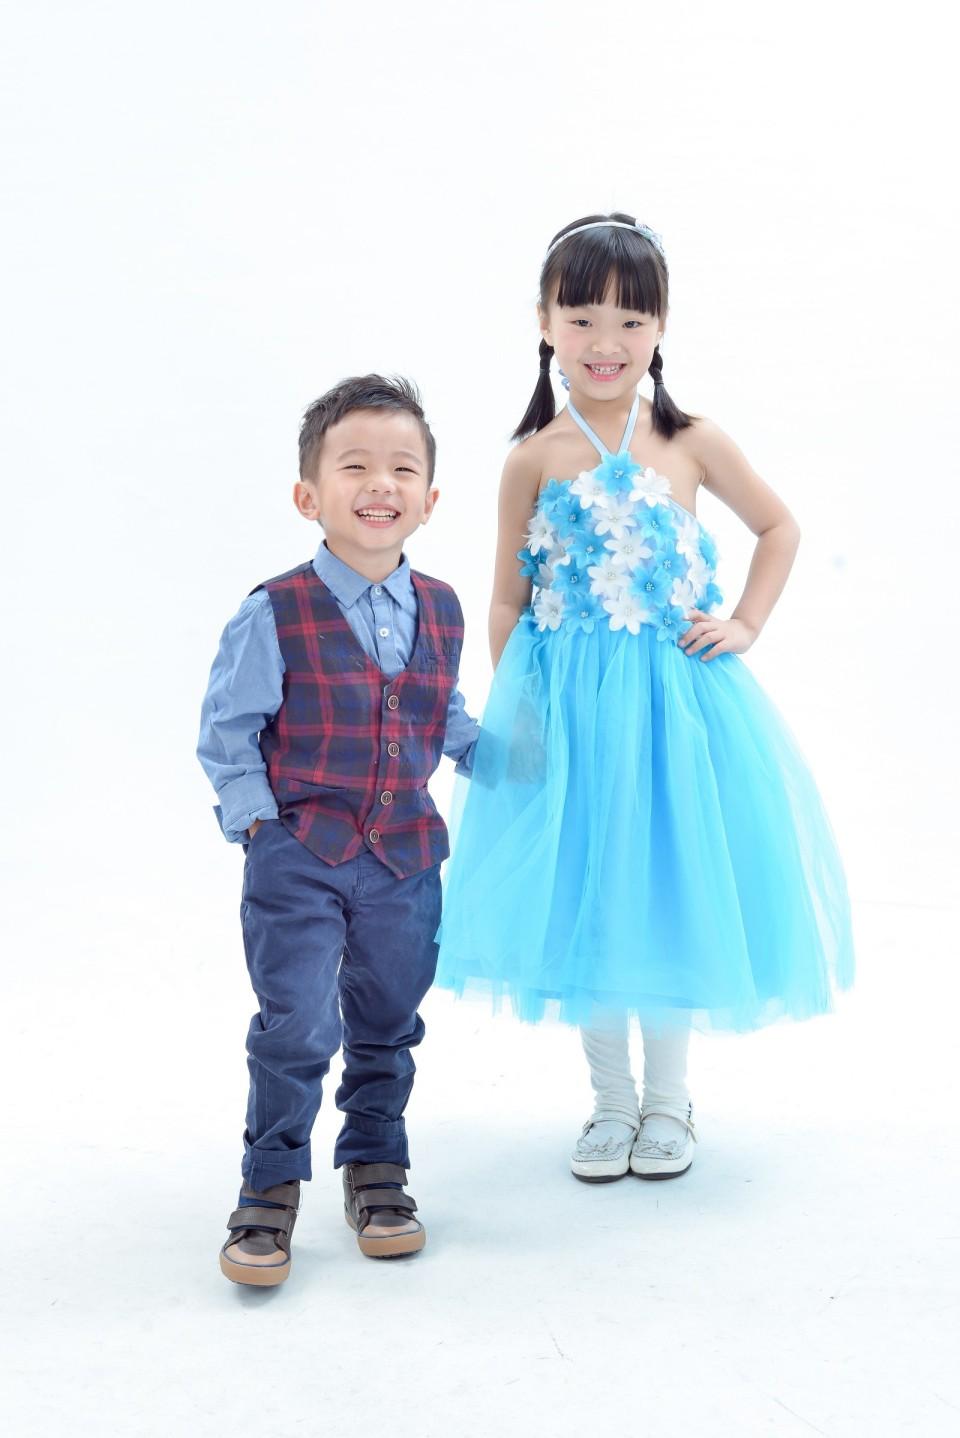 兒童寫真,兒童攝影,婚紗攝影師,自助婚紗,bb31